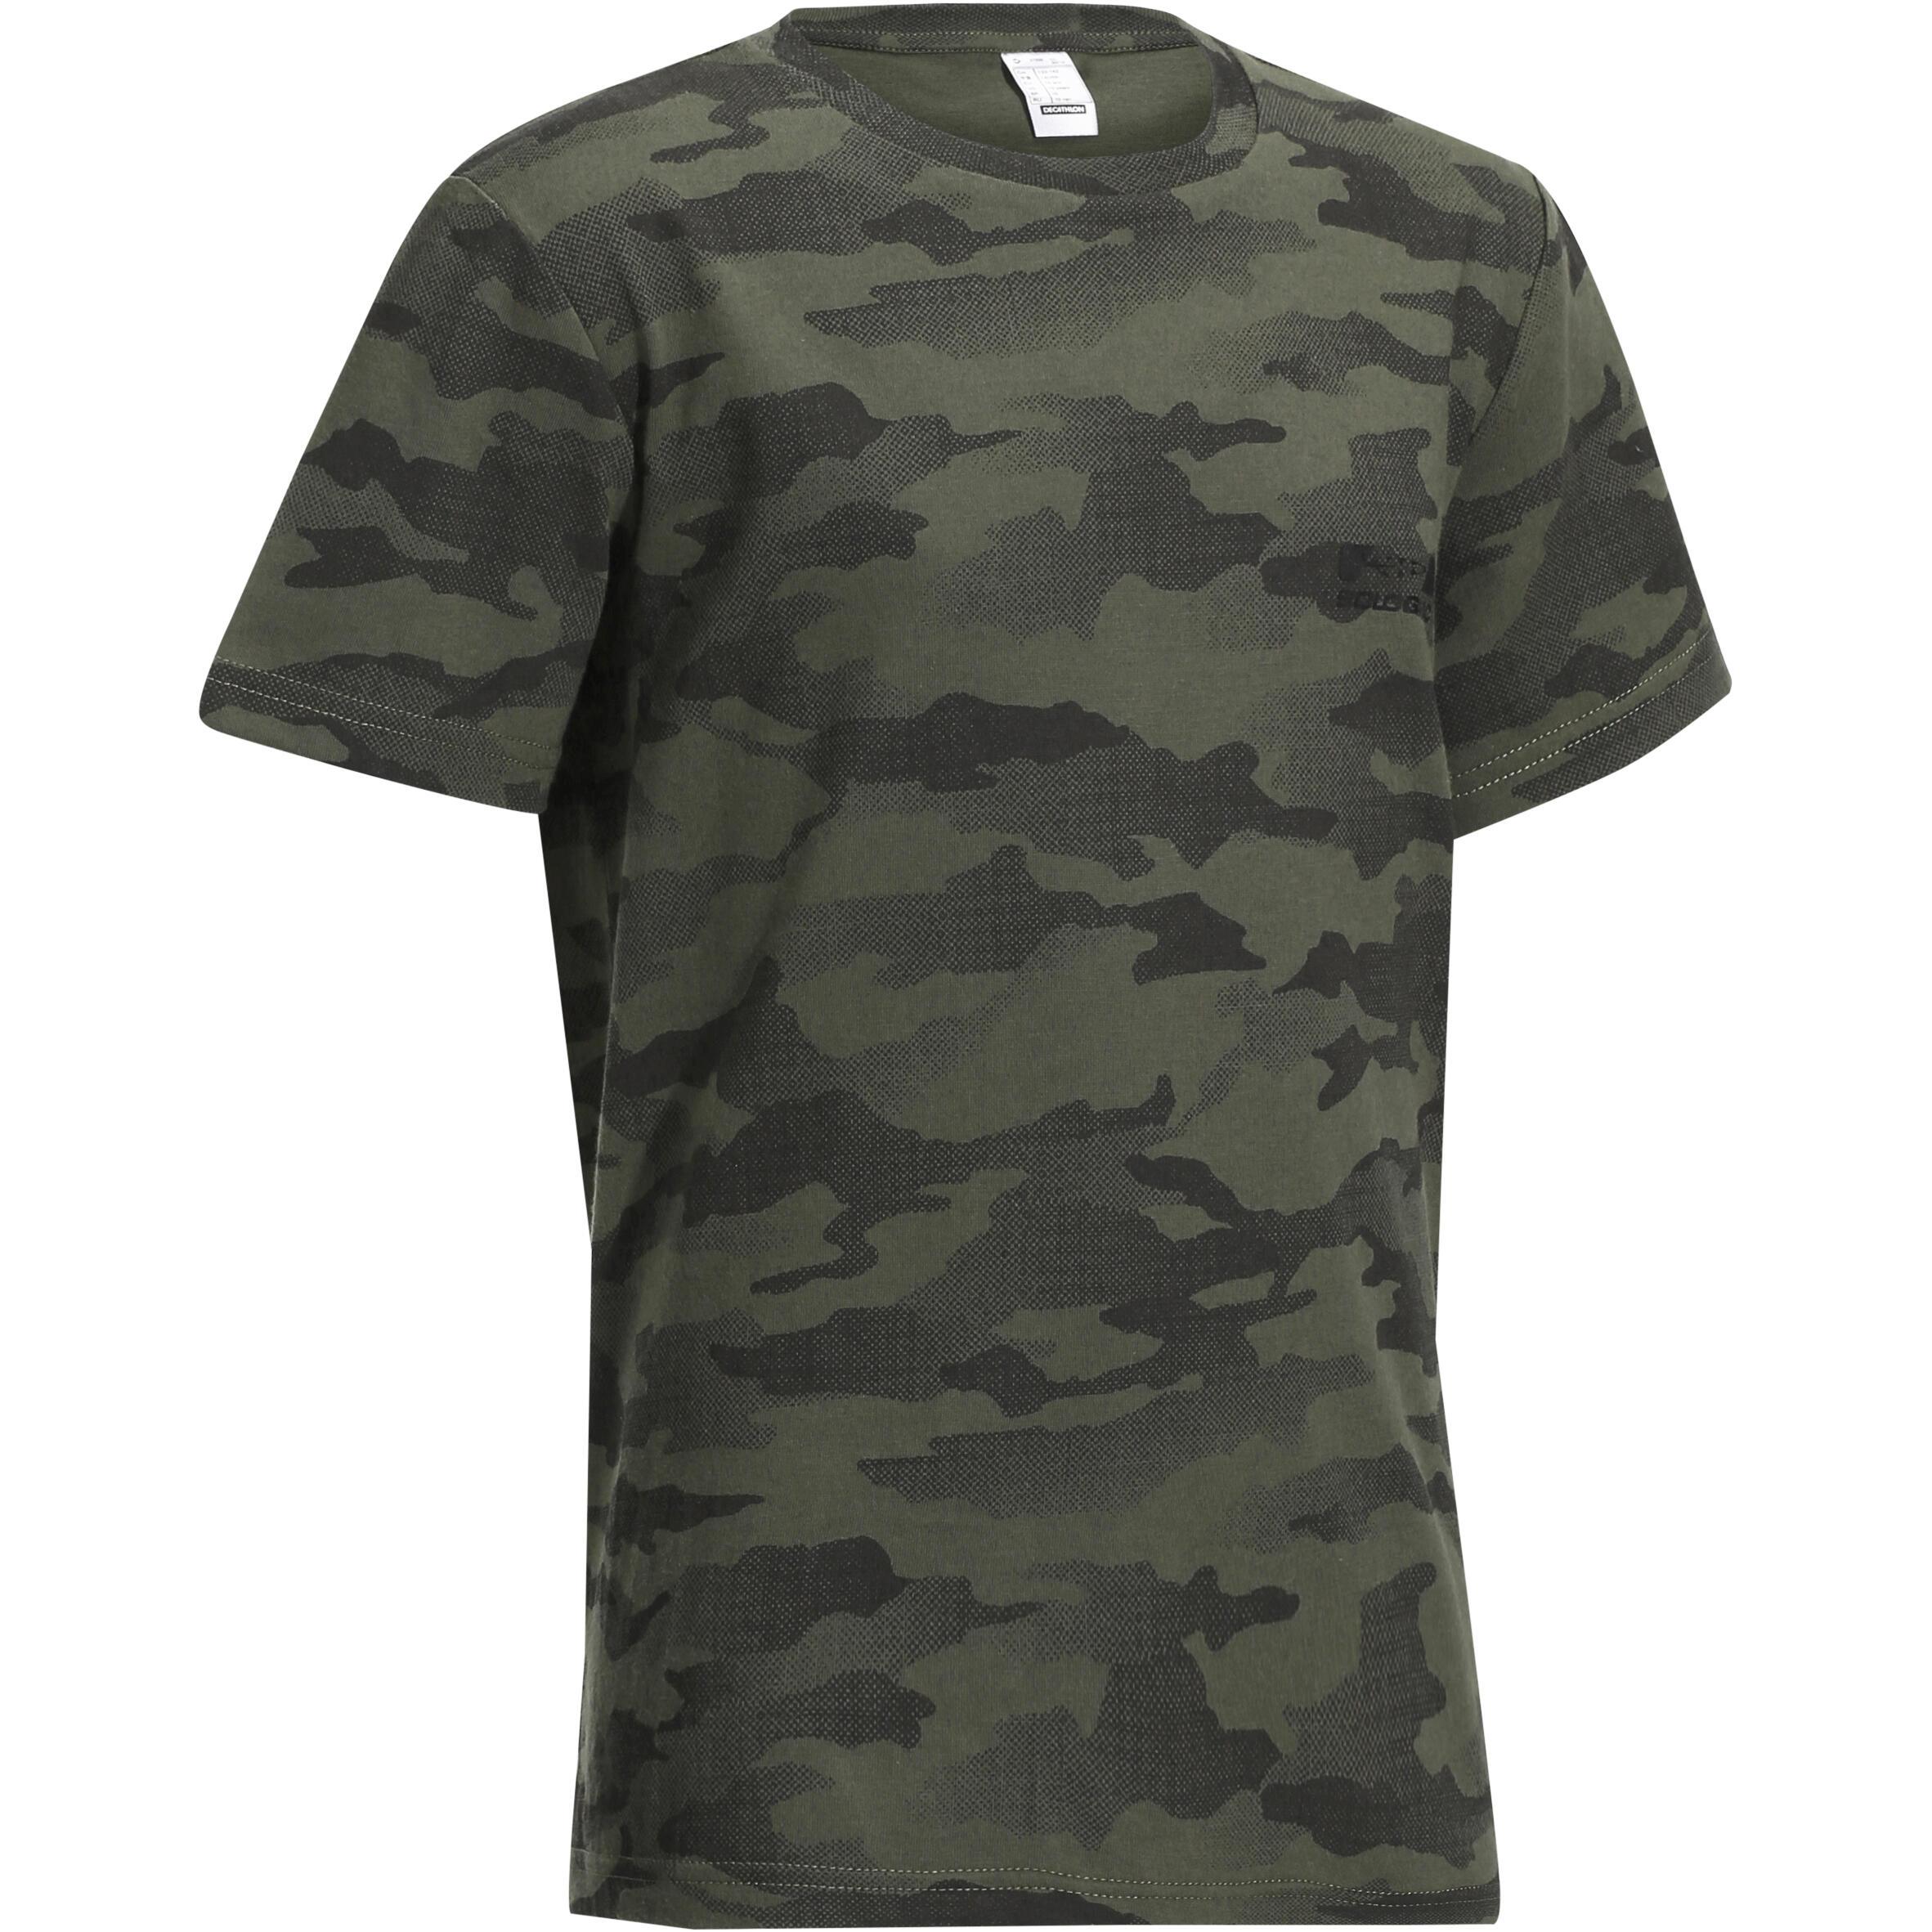 Solognac Kinder T-shirt 100 voor de jacht camouflage Island kopen met voordeel